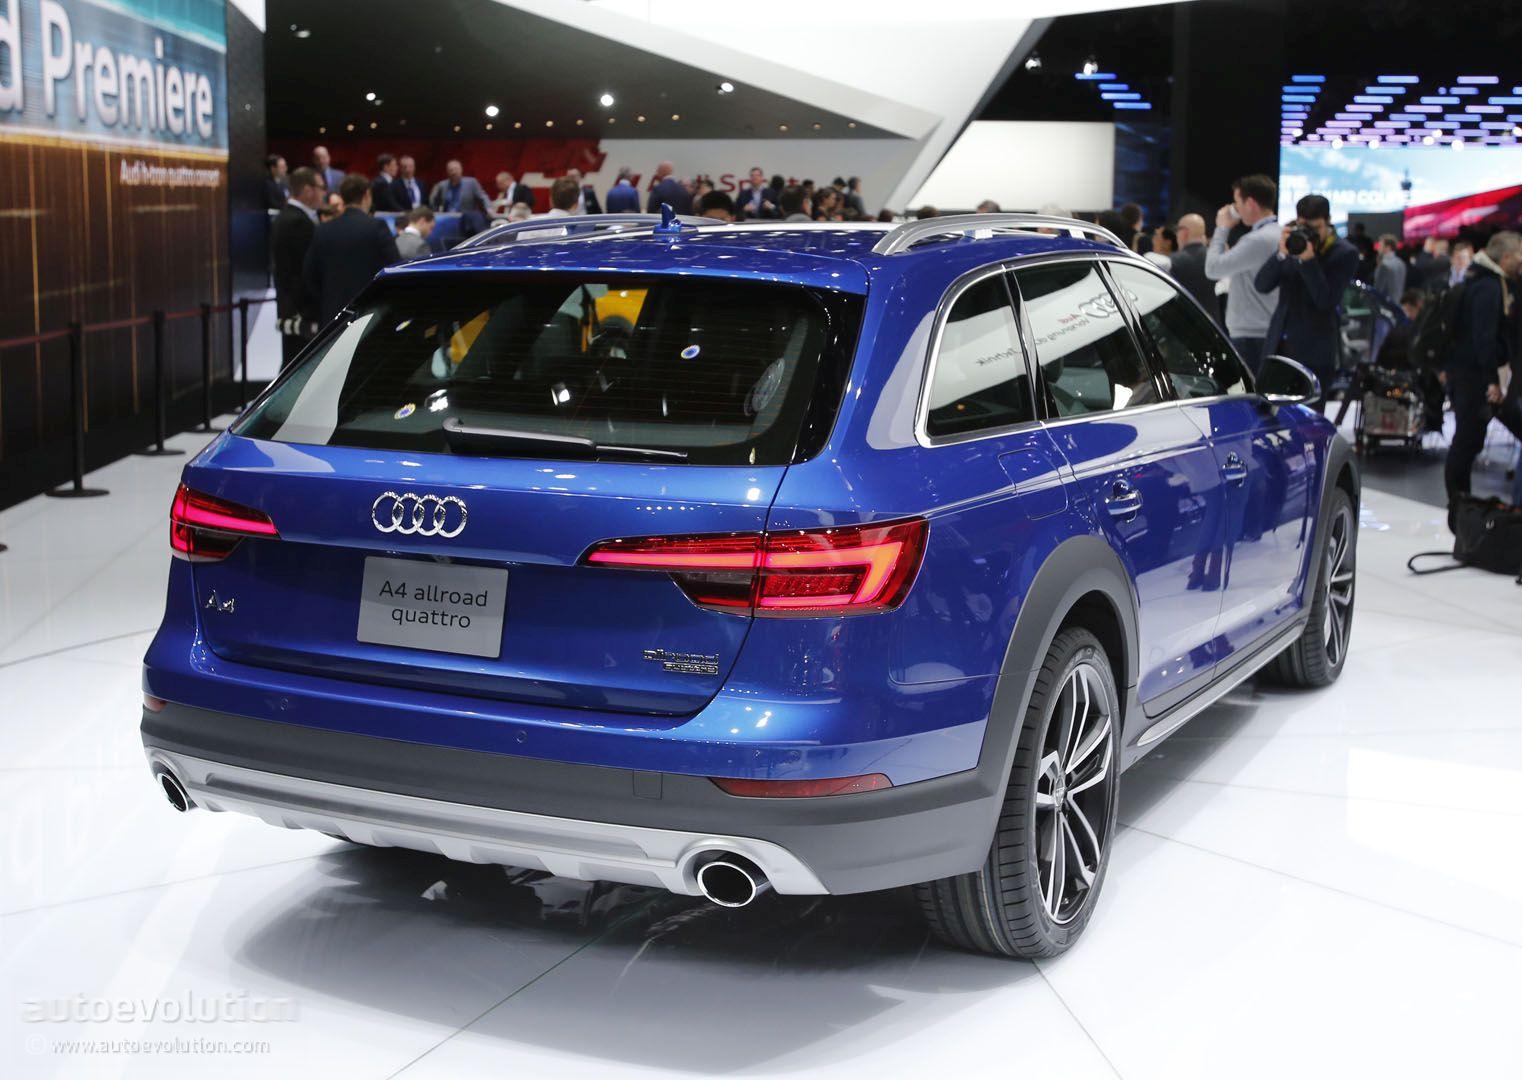 2017 Audi A4 Allroad Quattro Offers a Refined SUV Alternative in Motor City - autoevolution